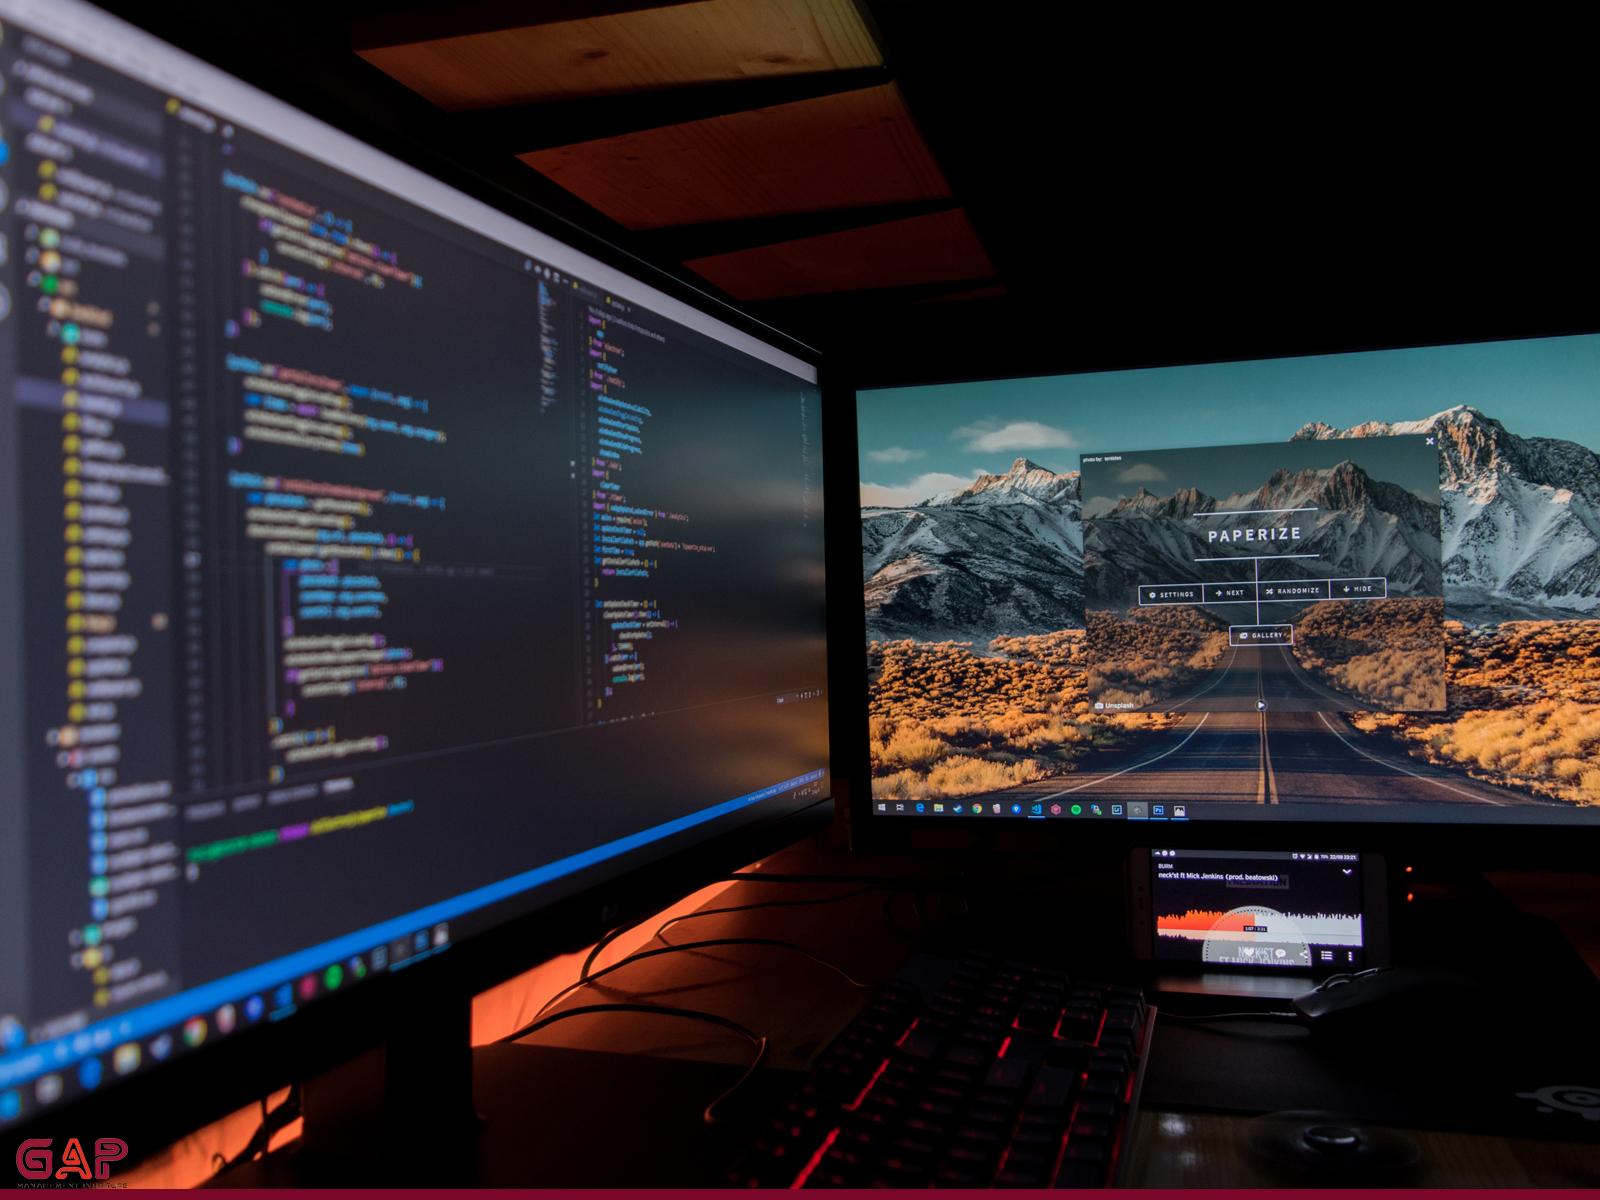 Data Management & Software Development